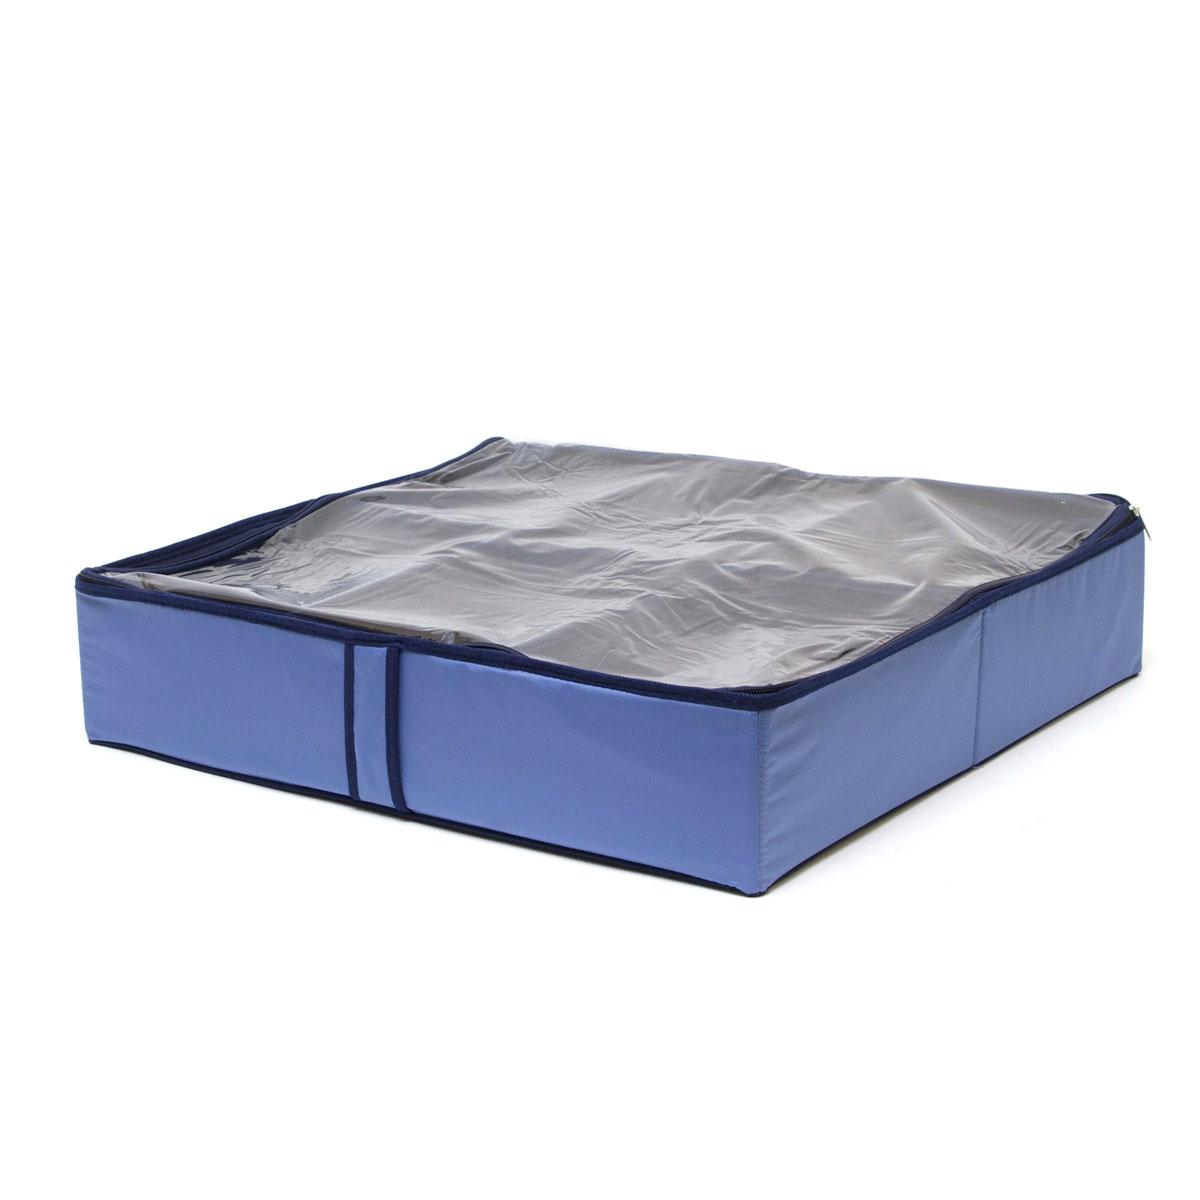 Органайзер для хранения обуви Homsu Bluе Sky, 6 секций, 56 х 52 х 12 смRG-D31SКомпактный складной органайзер Homsu Pletenka изготовлен из высококачественного полиэстера, который обеспечивает естественную вентиляцию. Материал позволяет воздуху свободно проникать внутрь, но не пропускает пыль. Органайзер отлично держит форму, благодаря вставкам из плотного картона. Изделие имеет 6 секций для хранения обуви.Такой органайзер позволит вам хранить вещи компактно и удобно. Размер секции: 20 х 32 см.